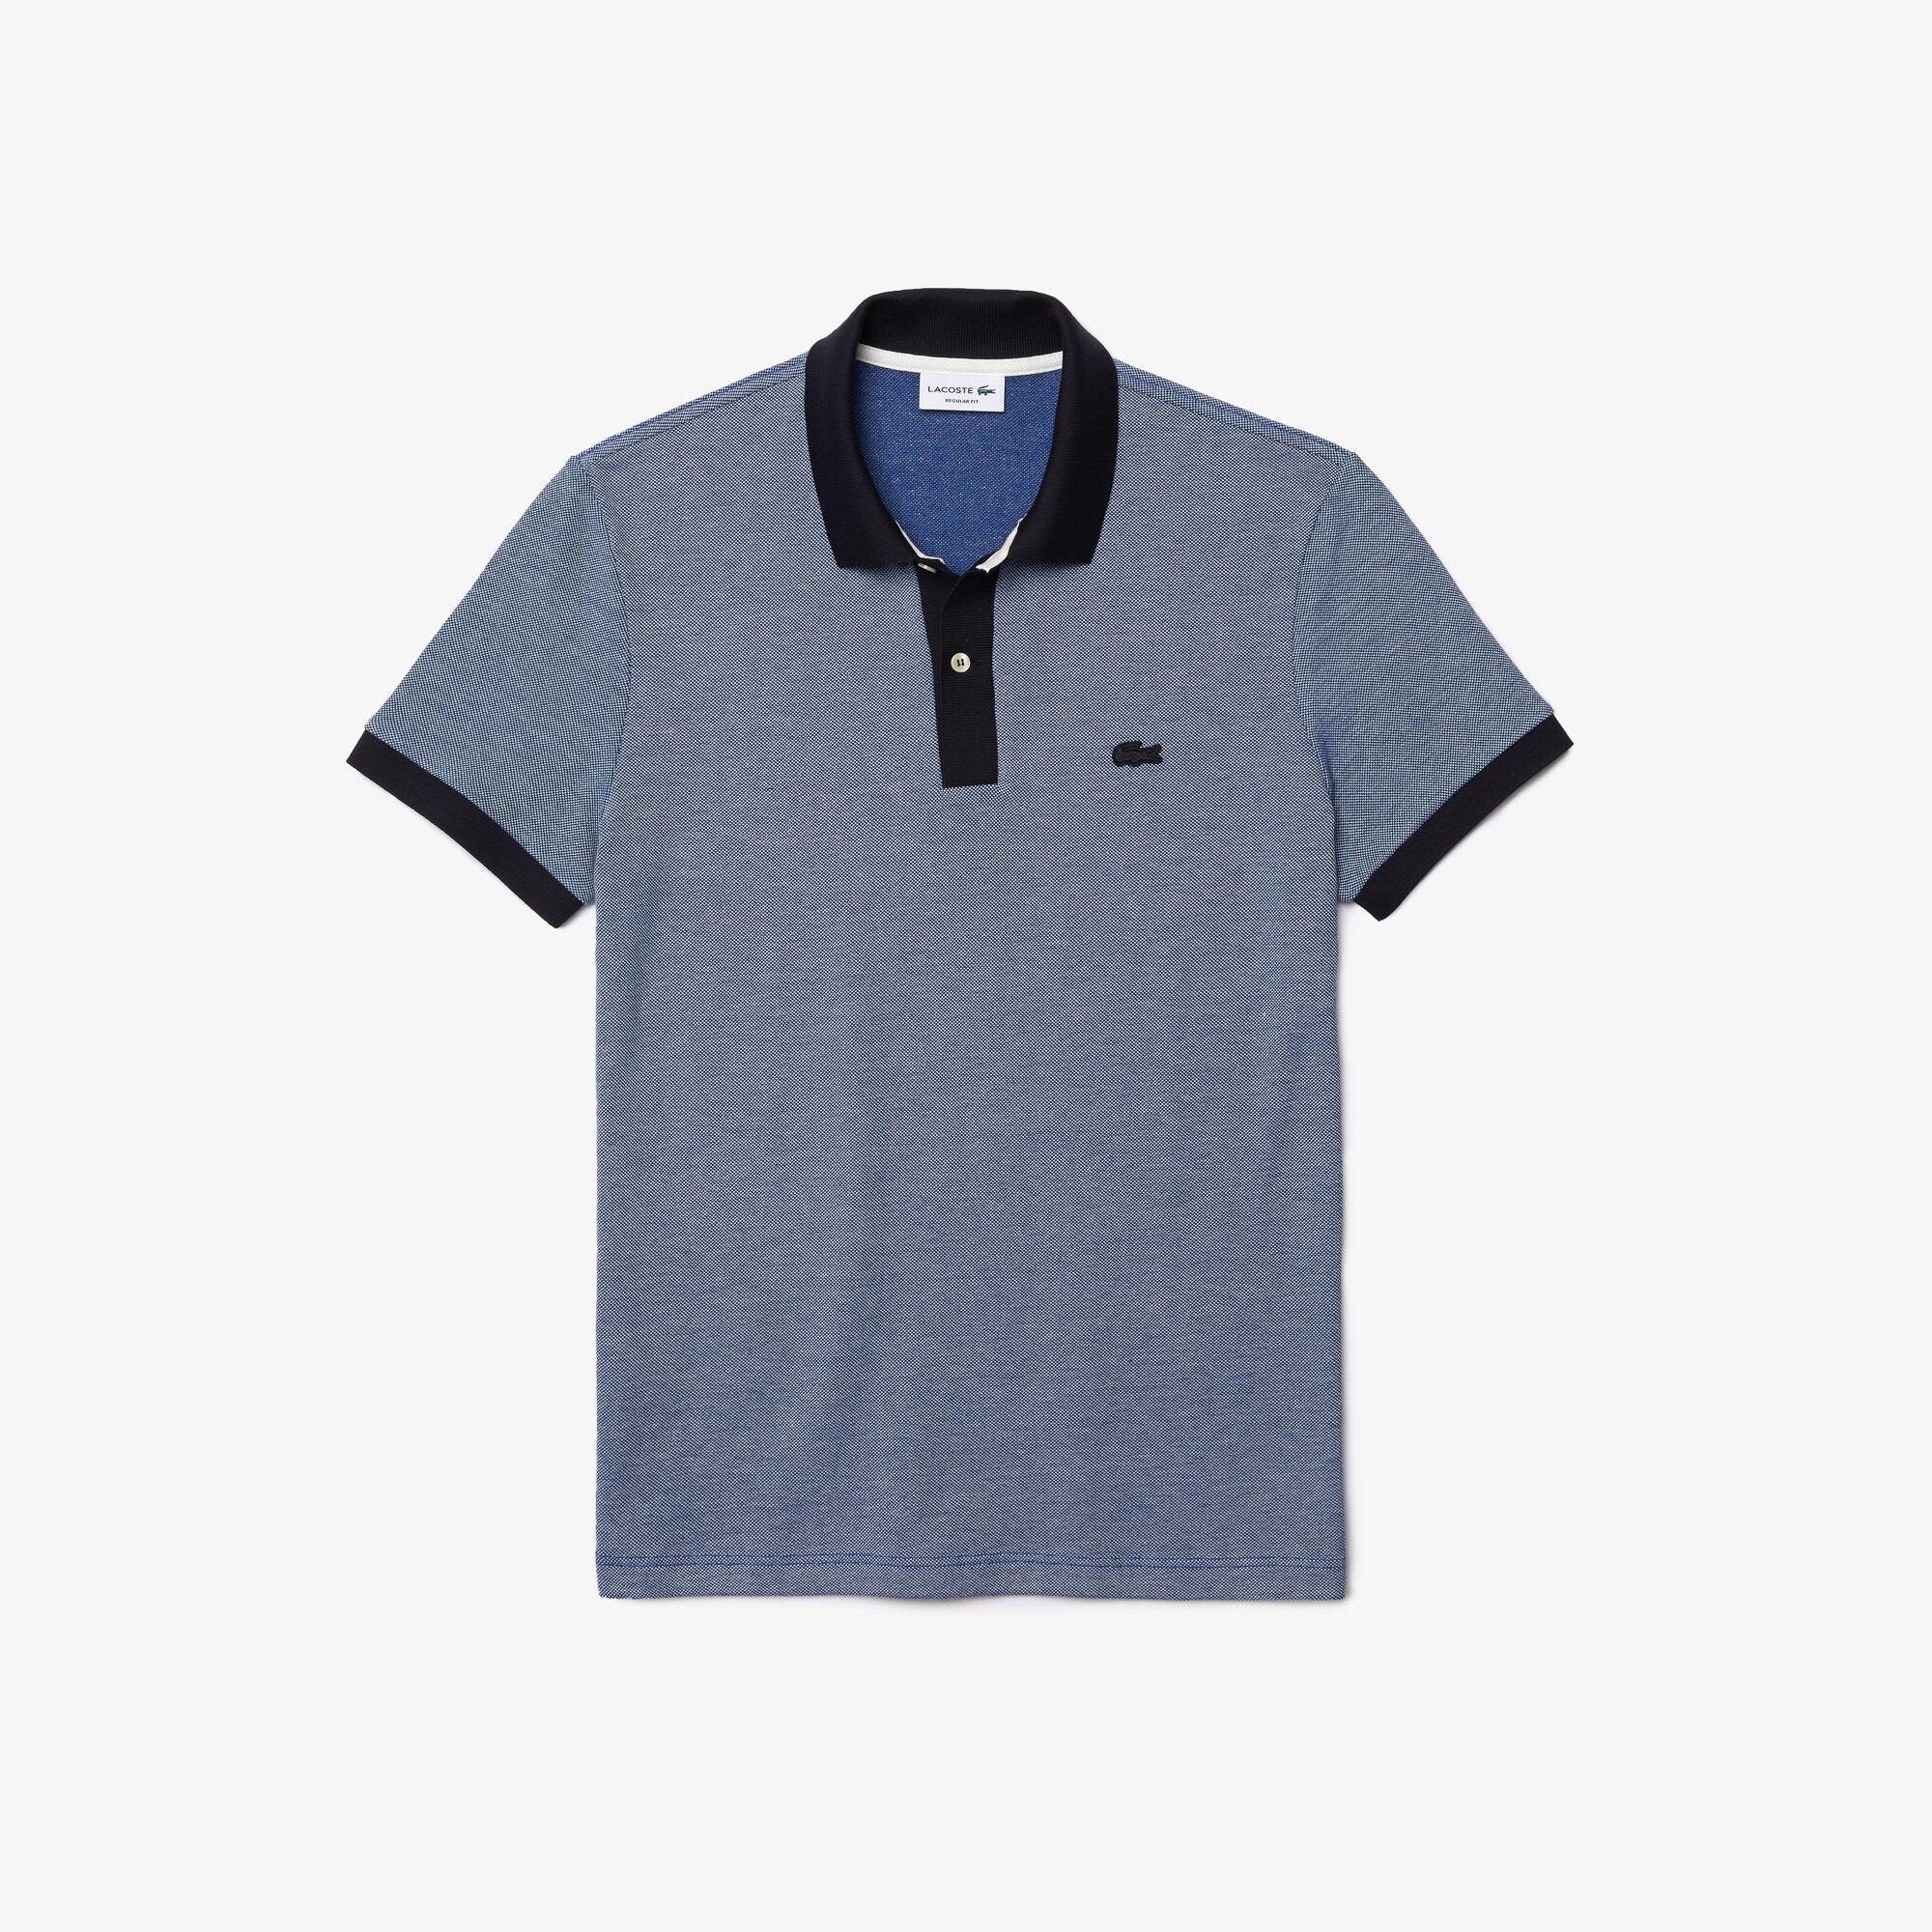 Men's Lacoste Regular Fit Textured Cotton Piqué Polo